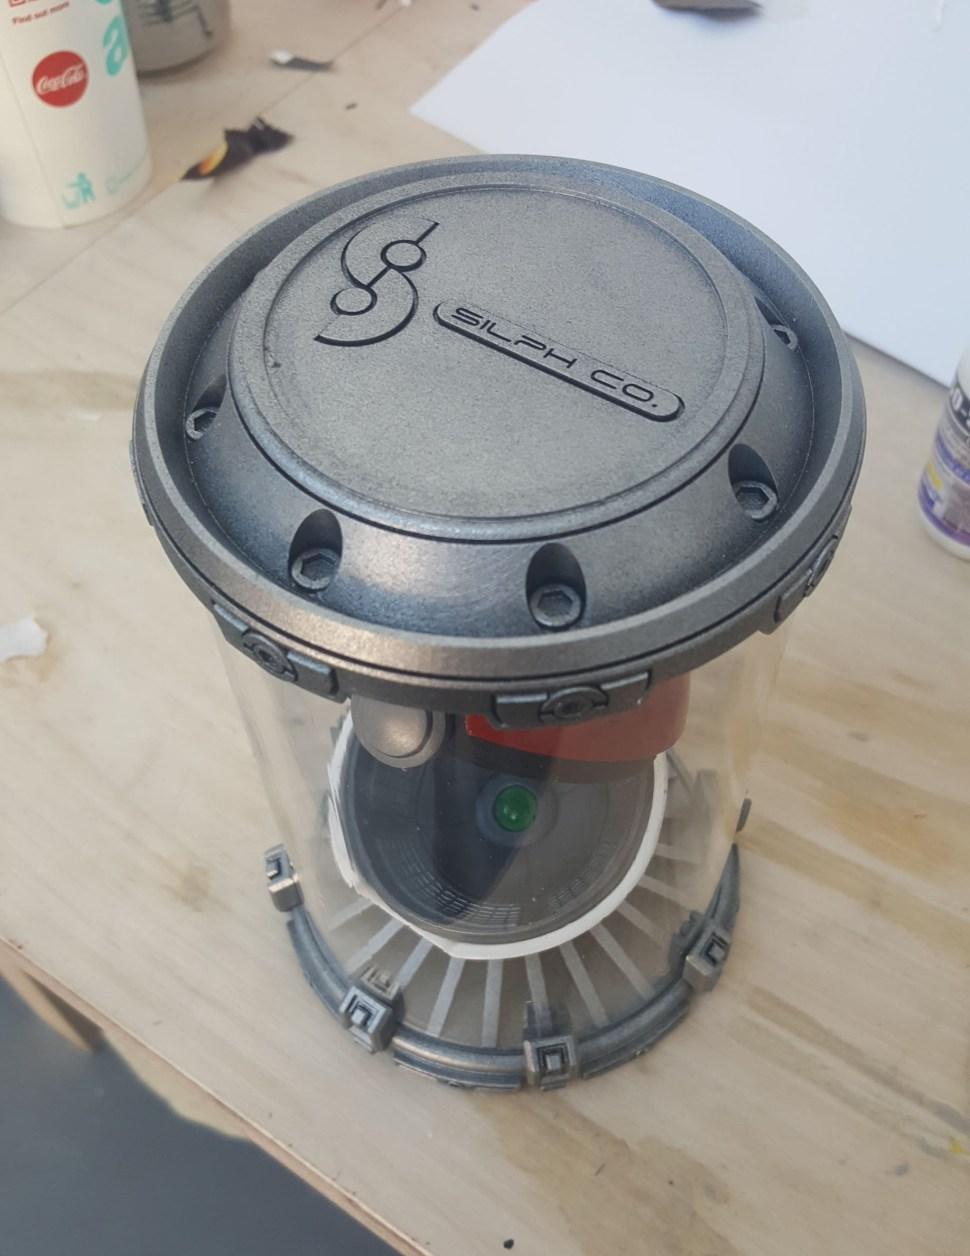 2-silph-co-jar